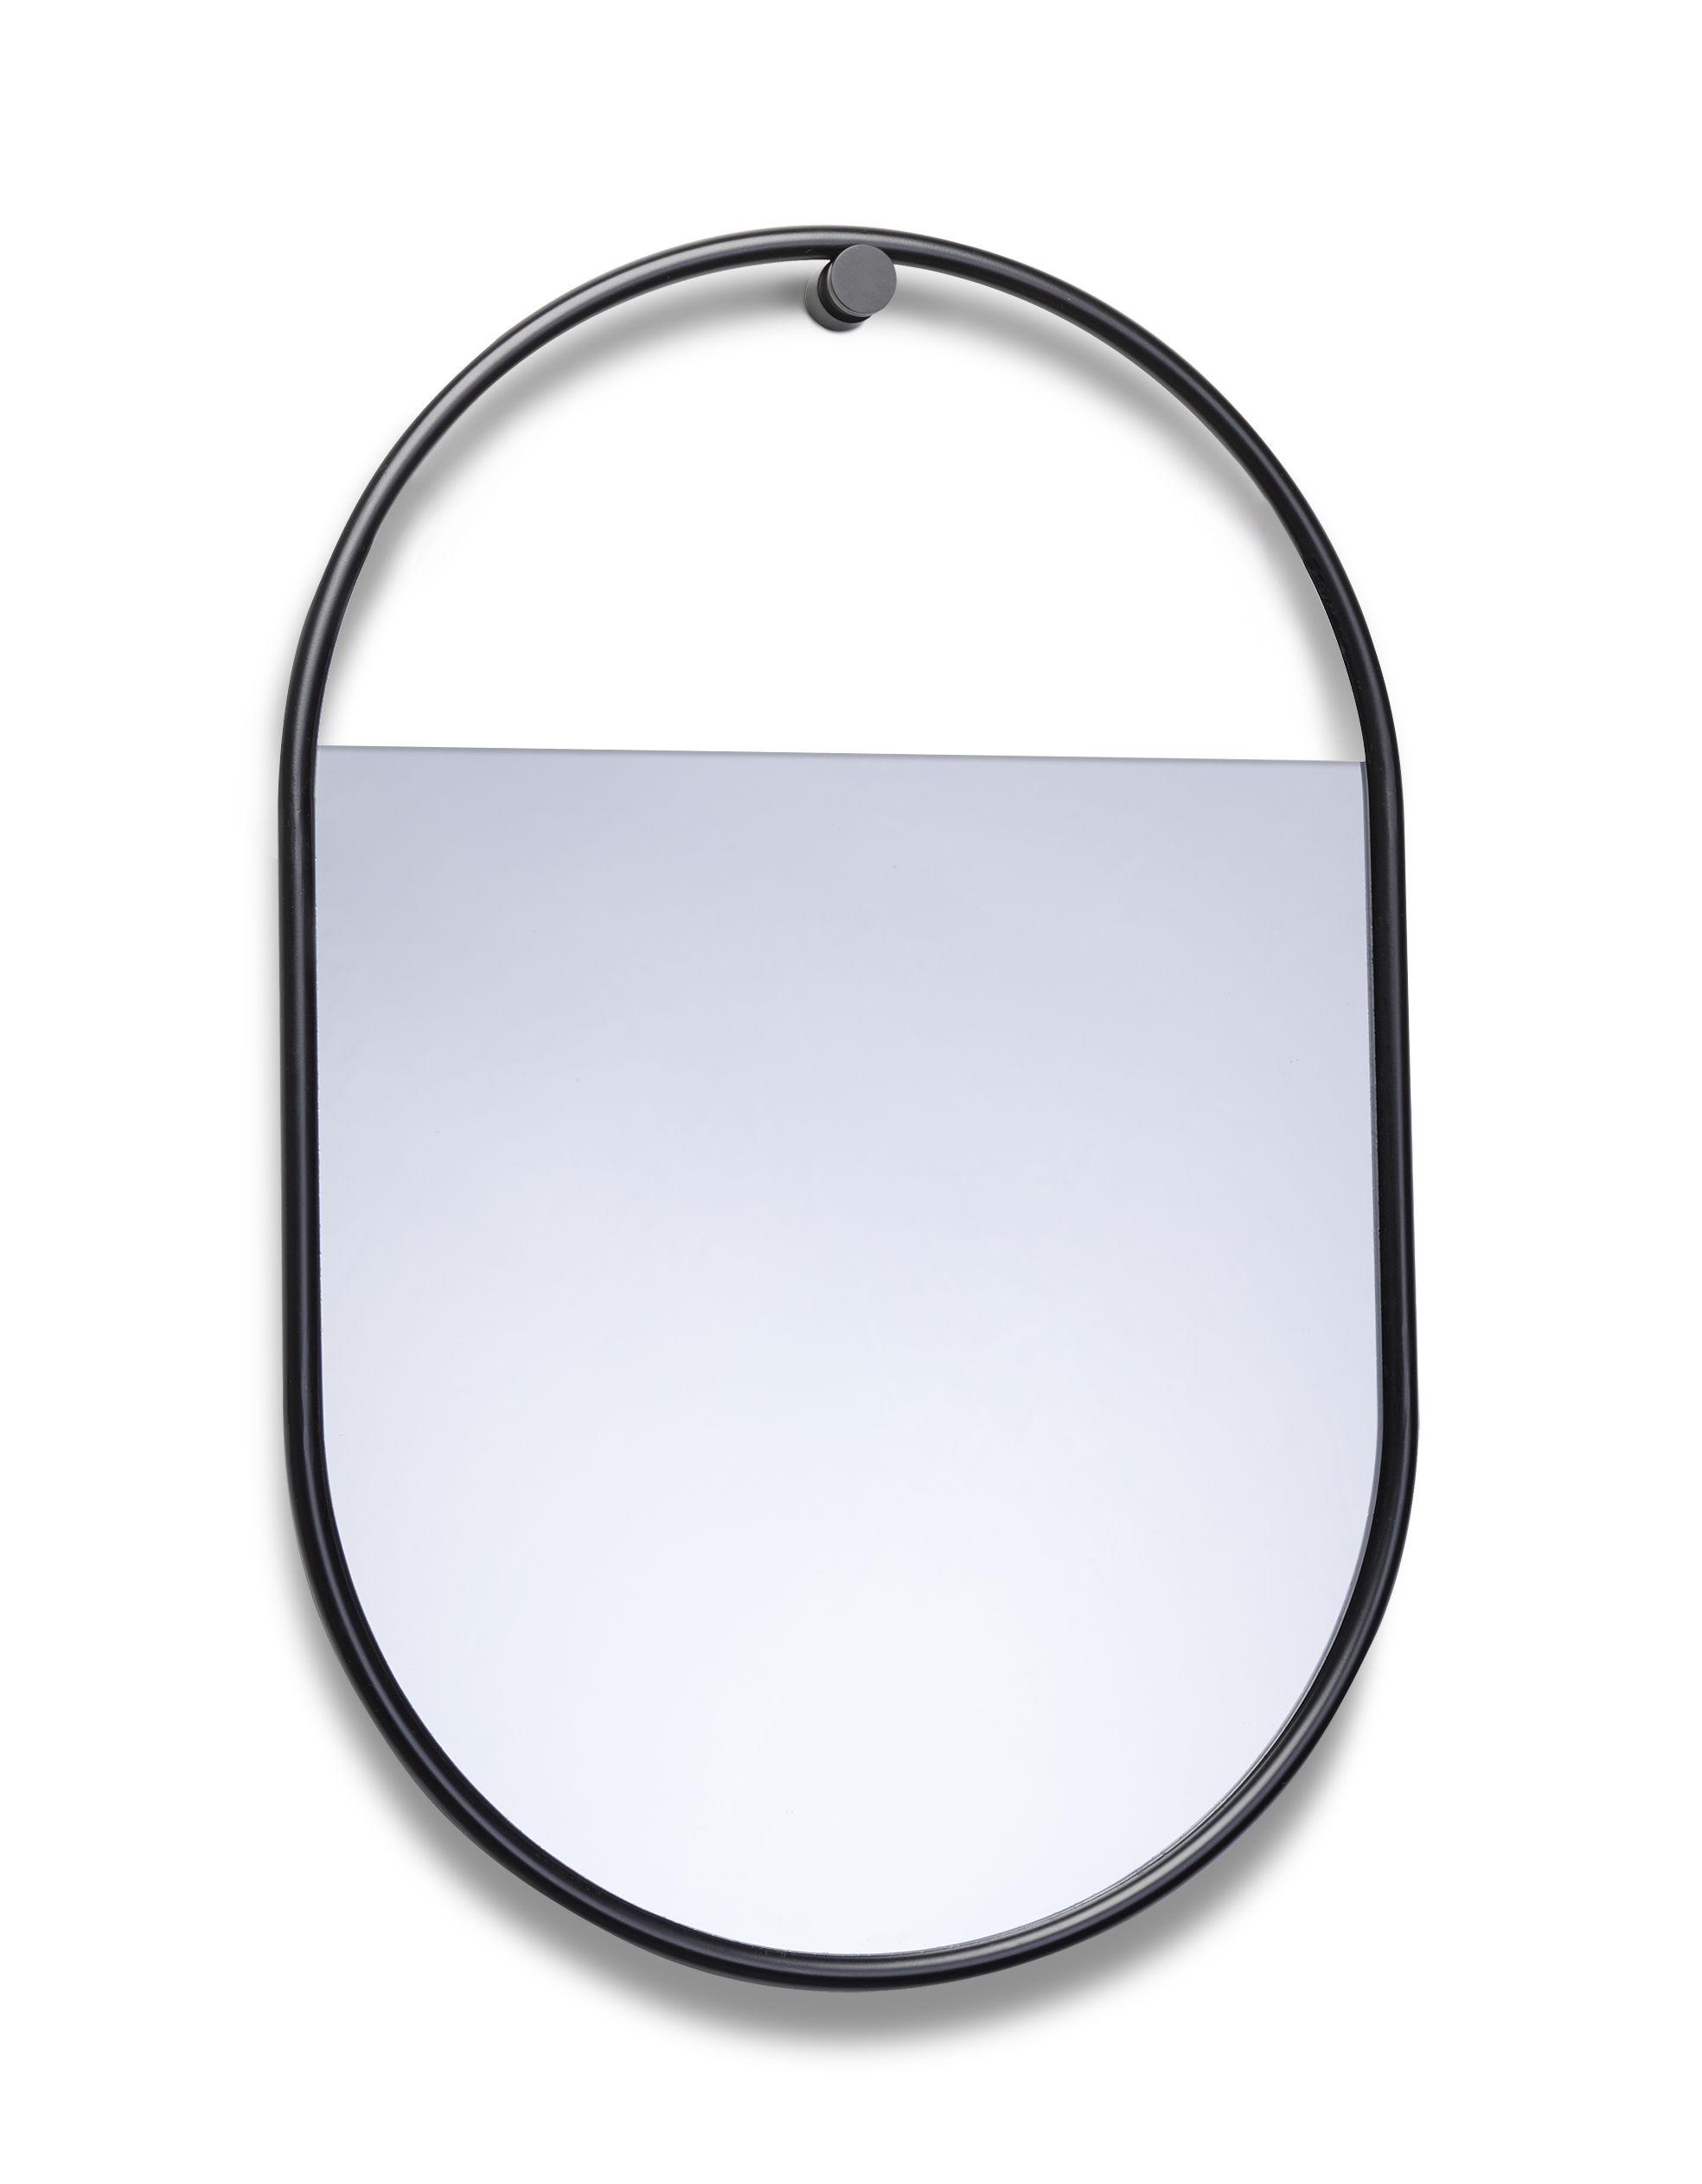 Déco - Miroirs - Miroir mural Peek Small / Ovale - 40 x 60 cm - Northern  - H 60 cm / Noir - Acier laqué, Verre teinté